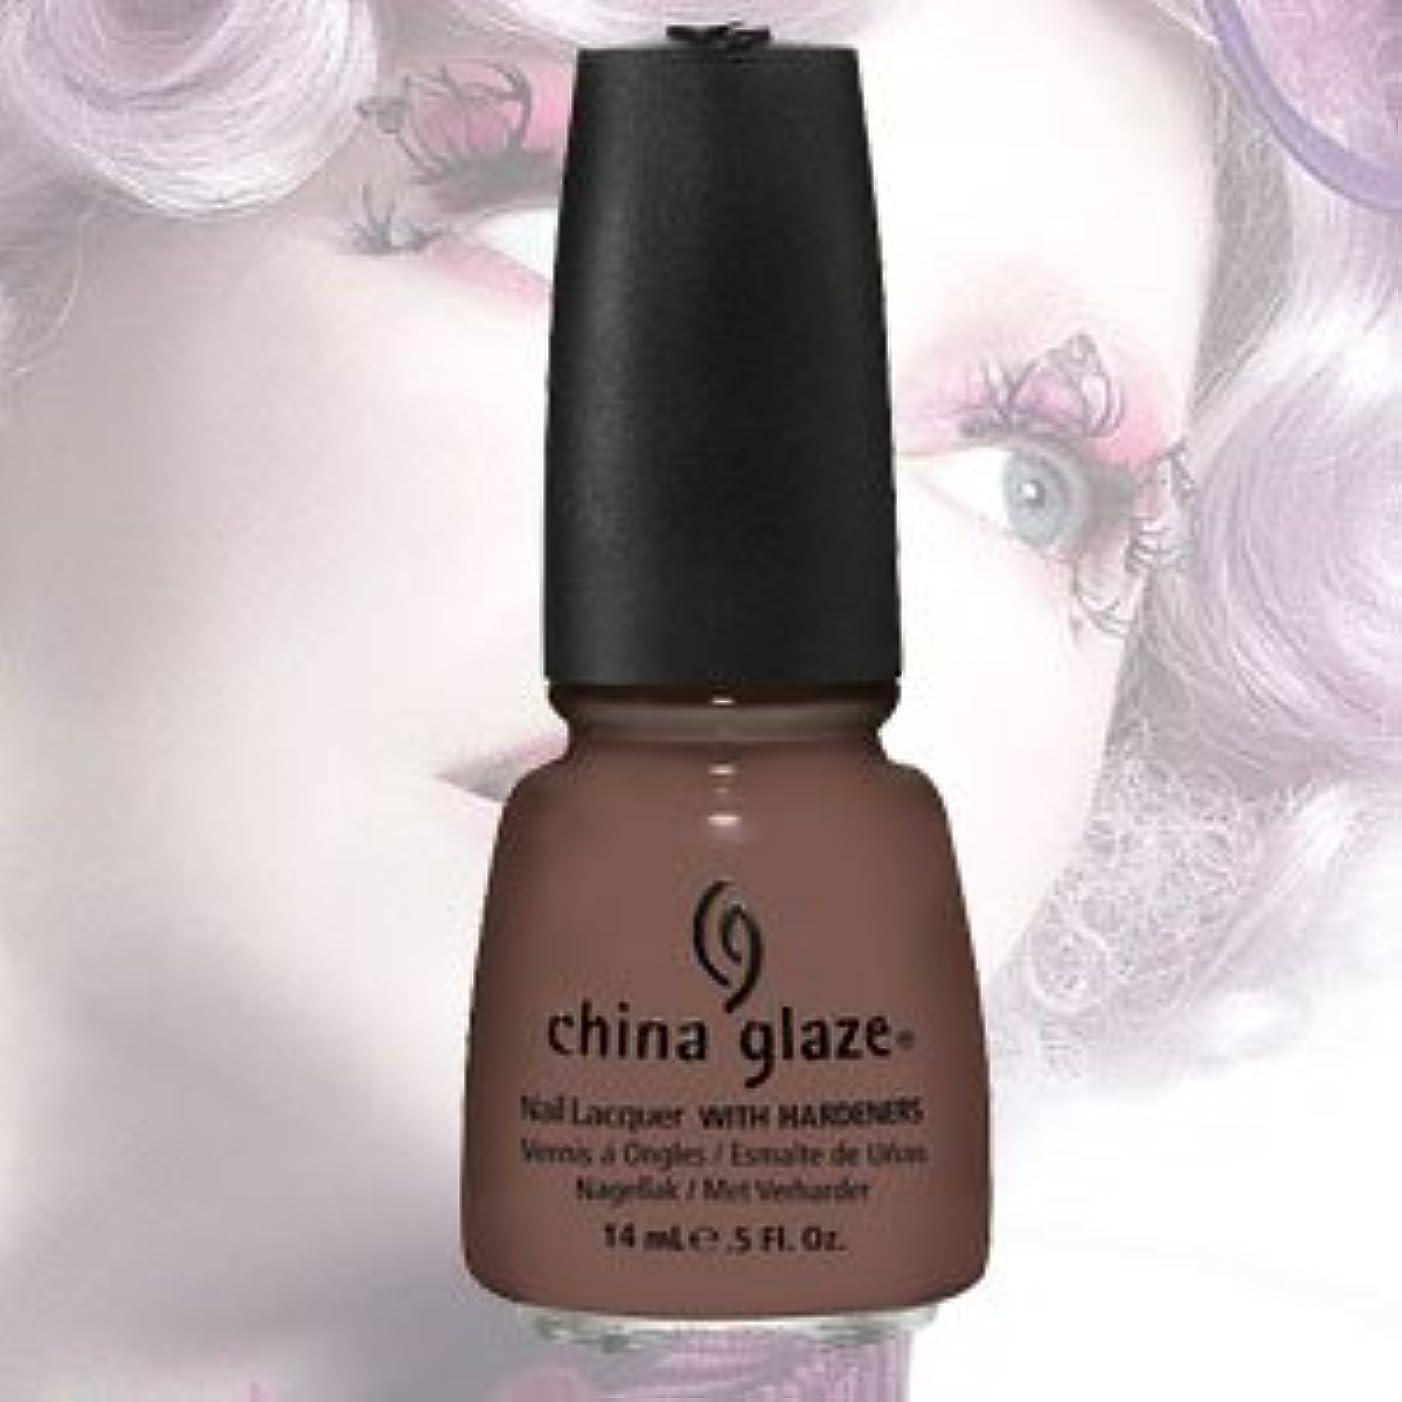 静かにリダクターアプローチ(チャイナグレイズ)China Glaze Foie GrasーCAPITOL COLOURS コレクション [海外直送品][並行輸入品]